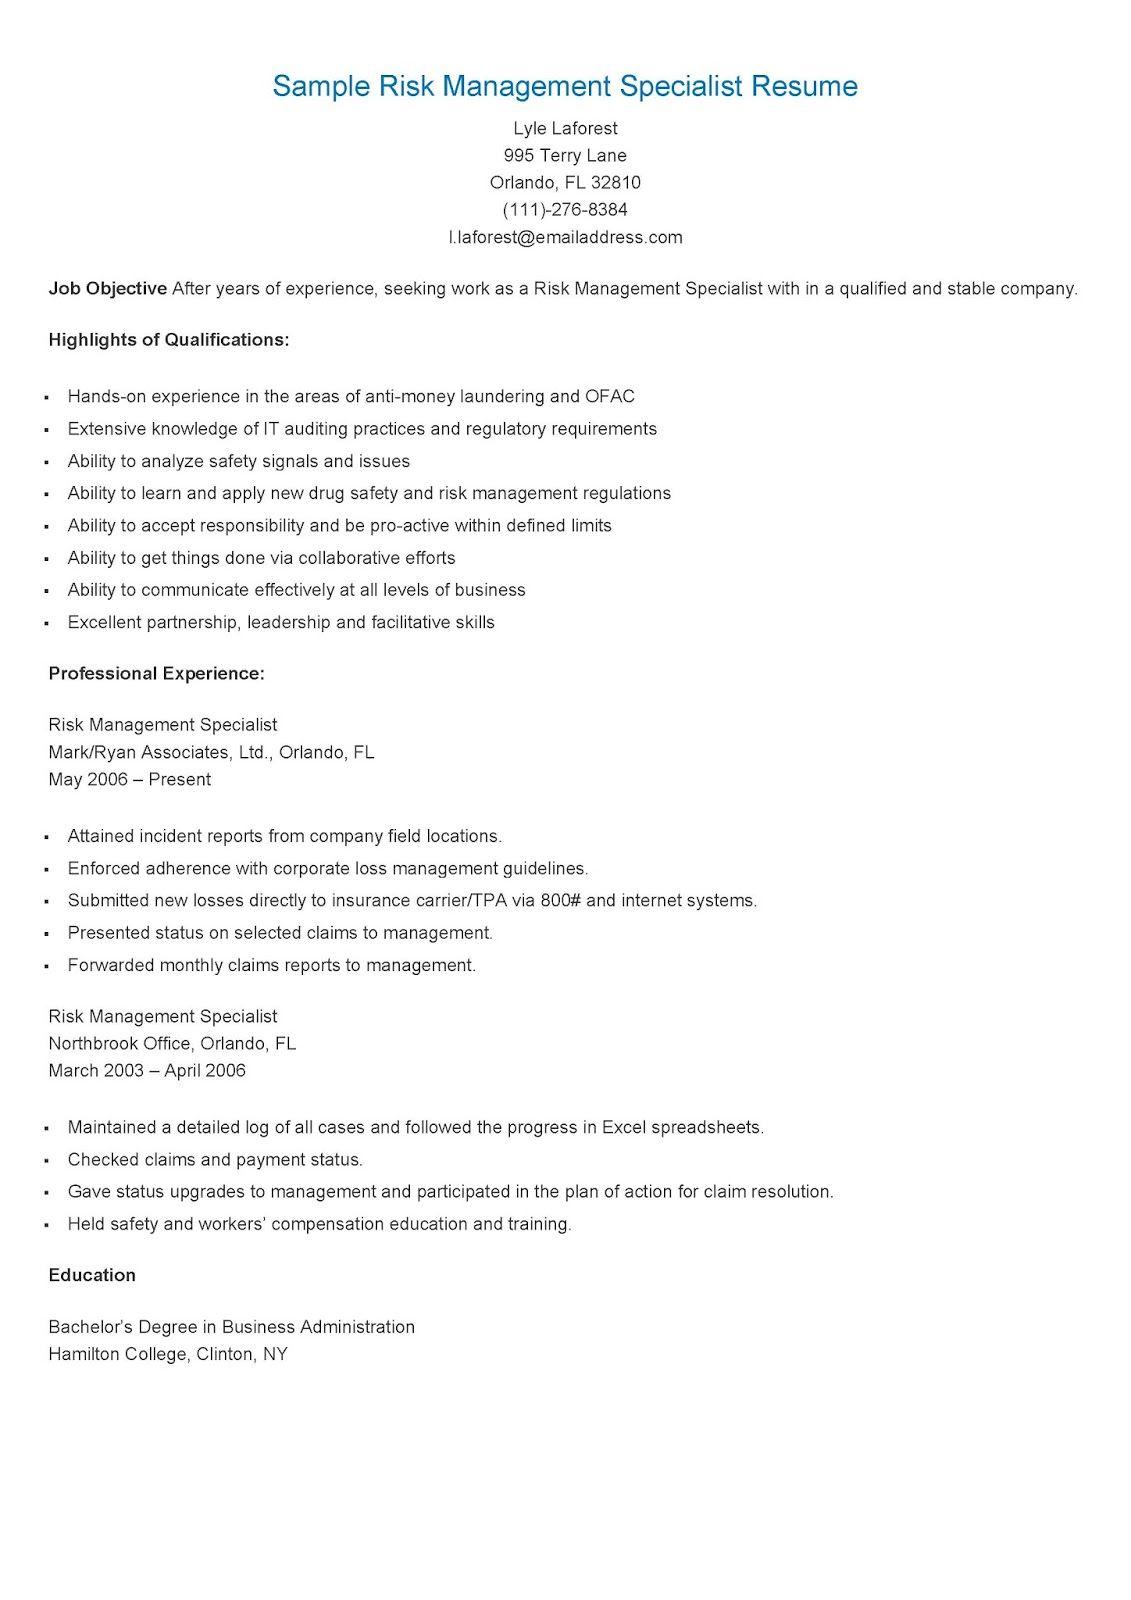 Sample Risk Management Specialist Resume Risk Management